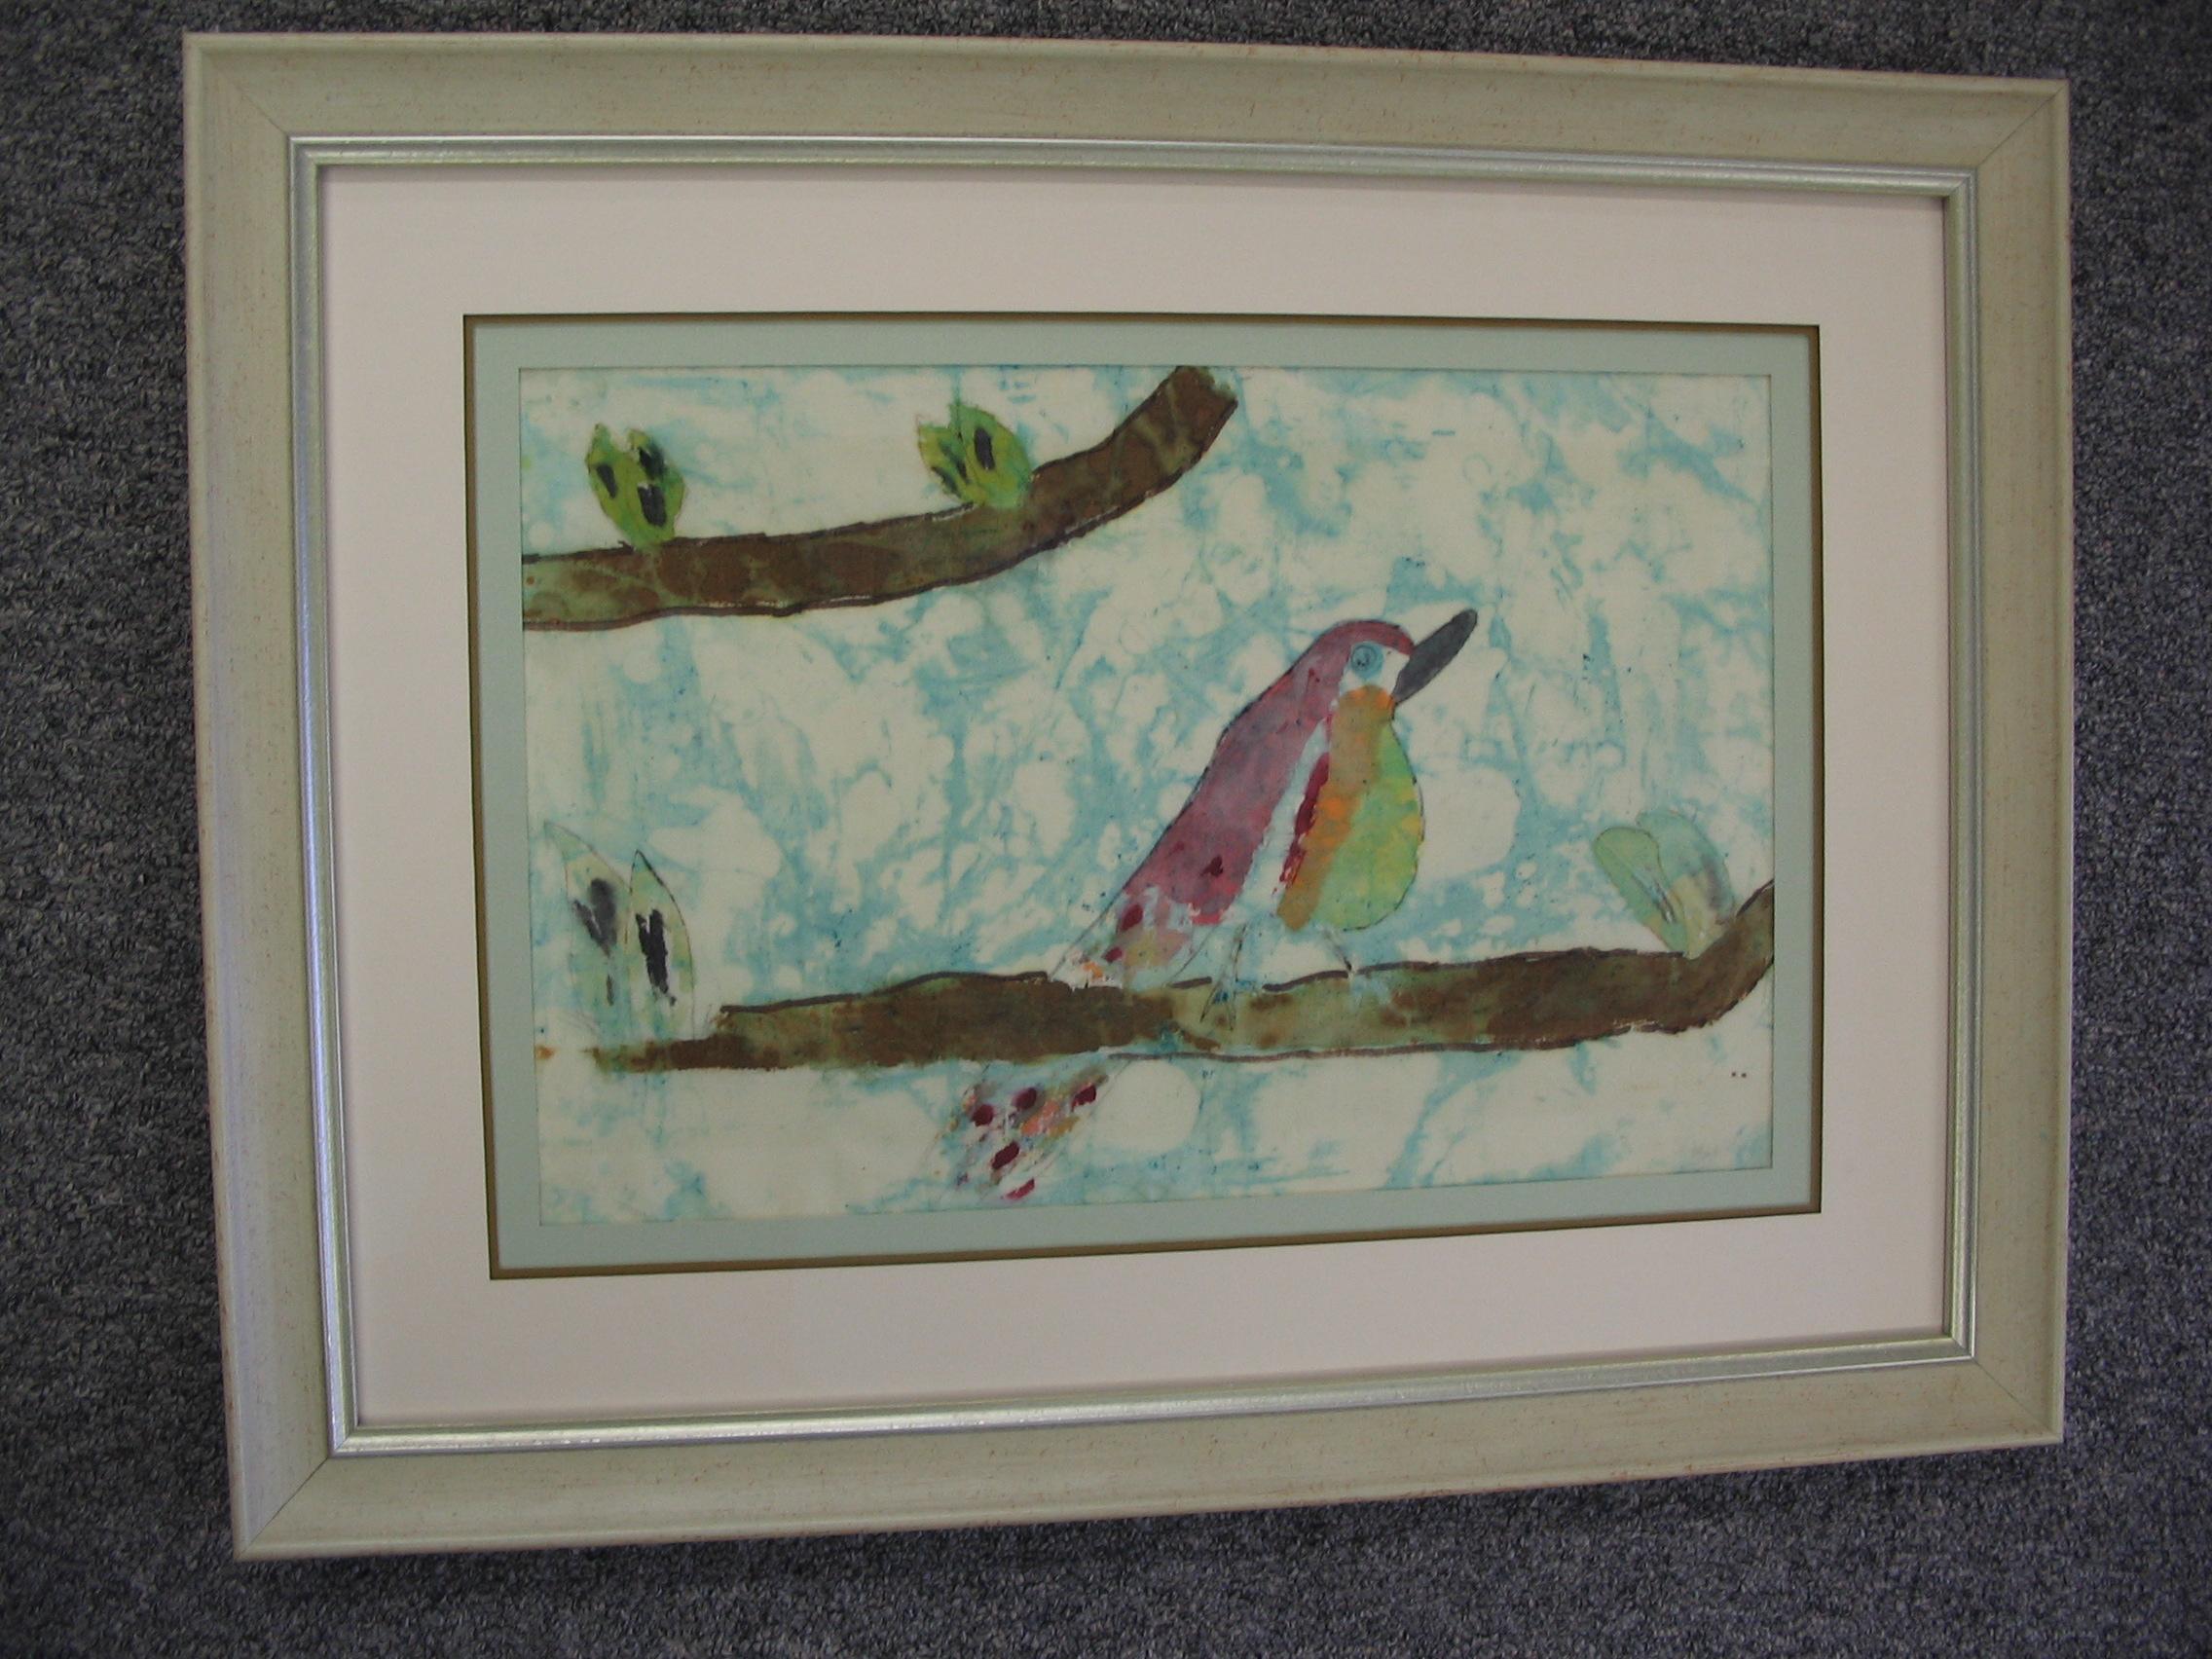 Bird framed by The Framemakers